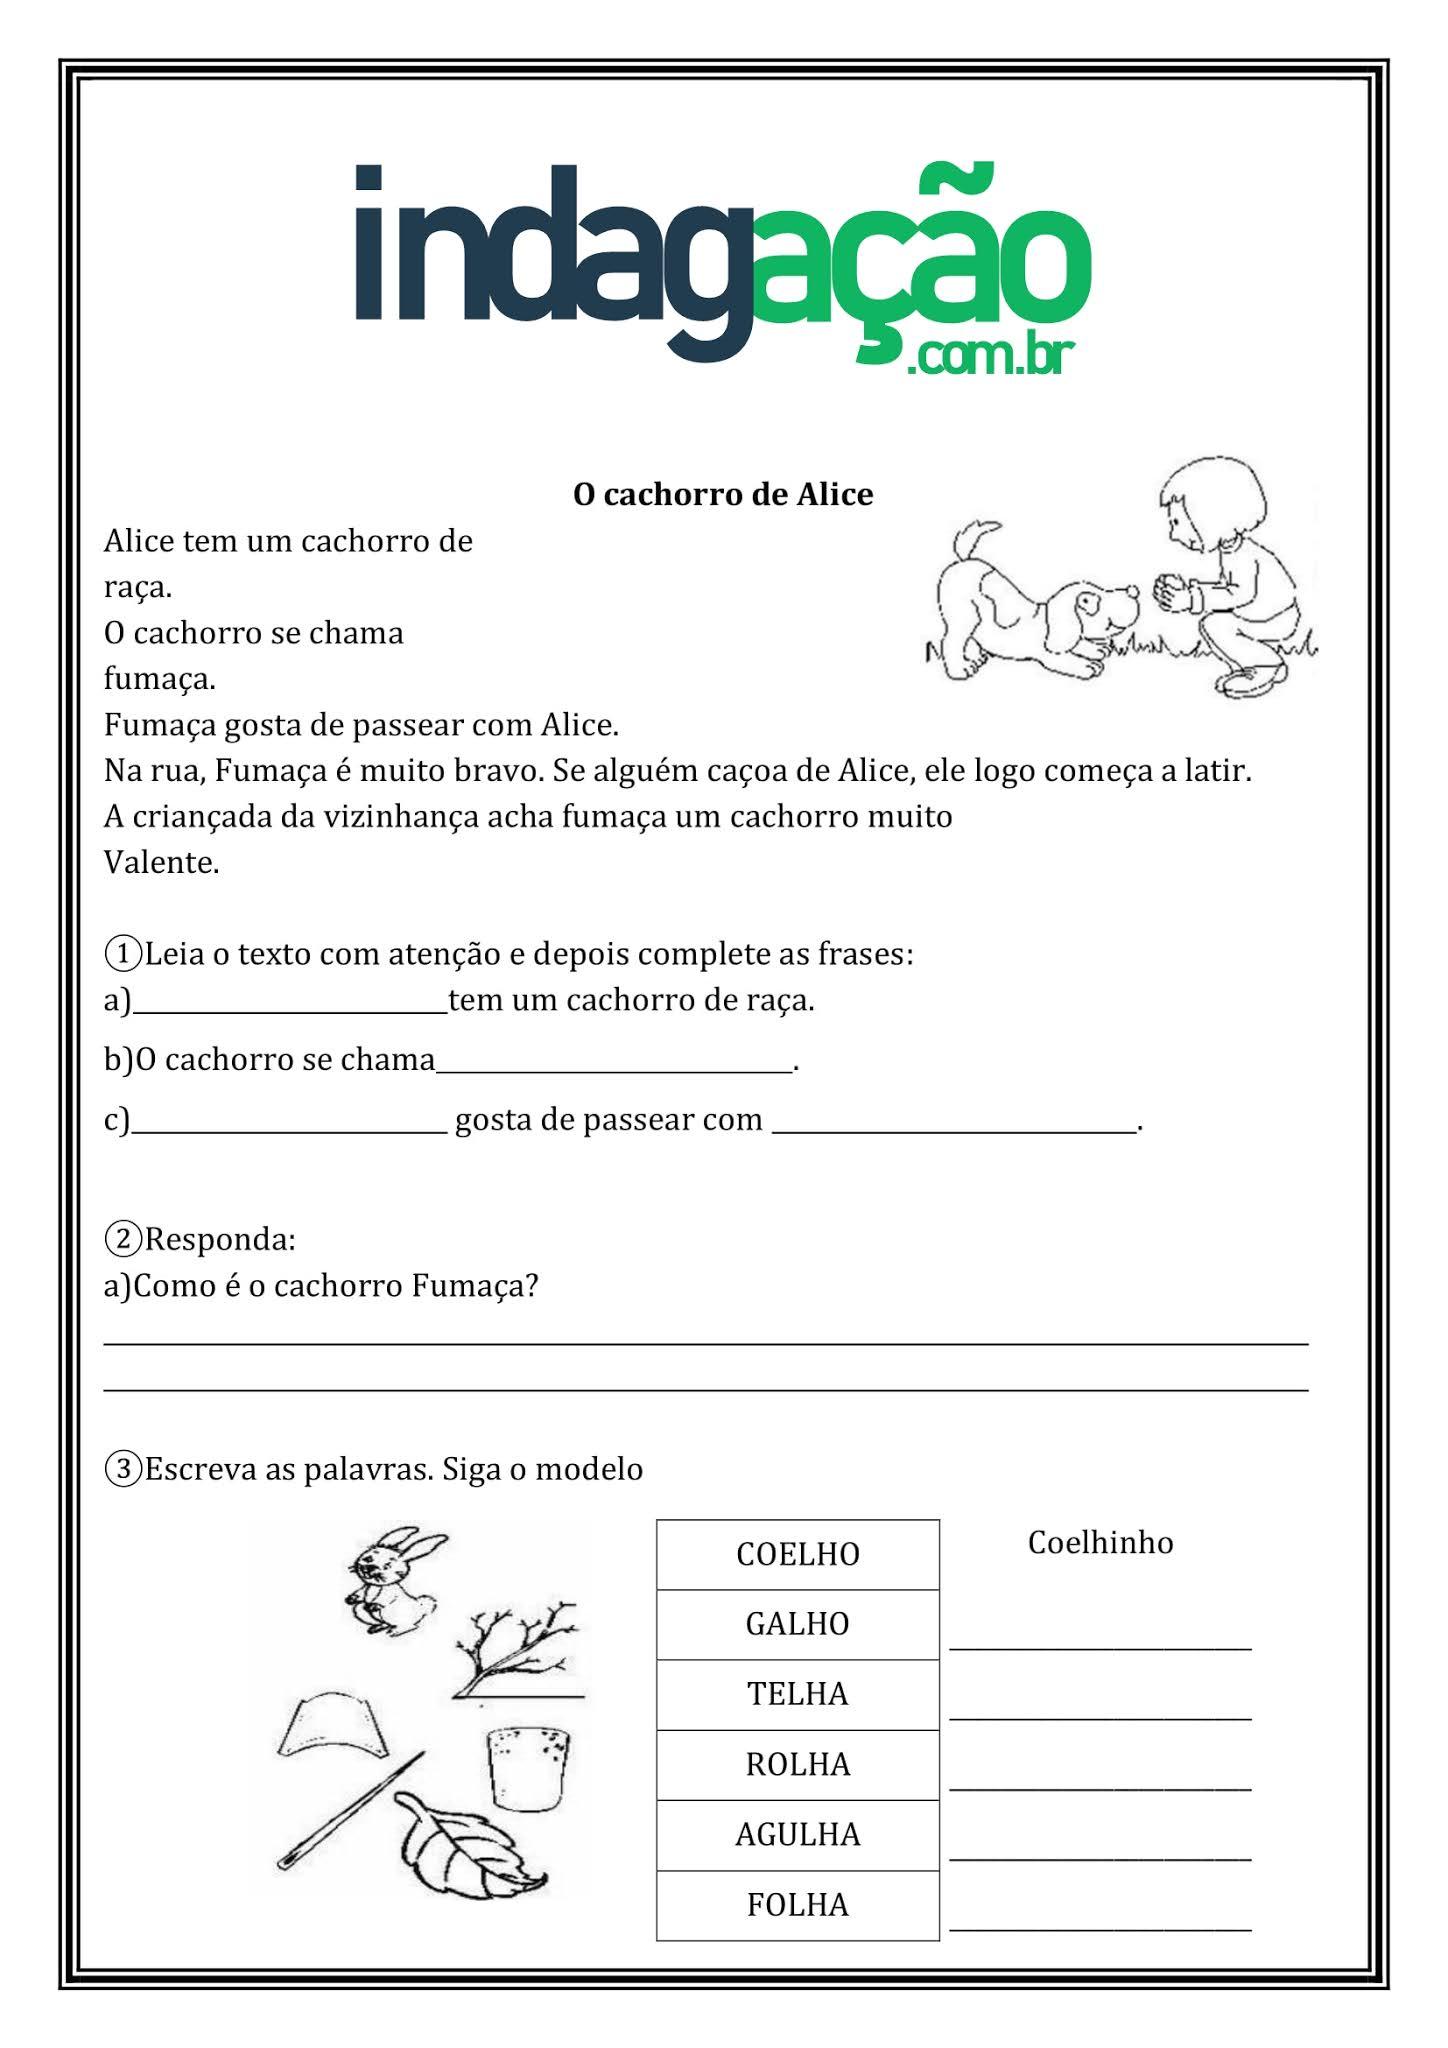 Atividade Português 2º Ano: Grau do Substantivo, Aumentativo e Diminutivo, Ortografia: LH, AS, ES, IS, OS e US - Ensino Fundamental